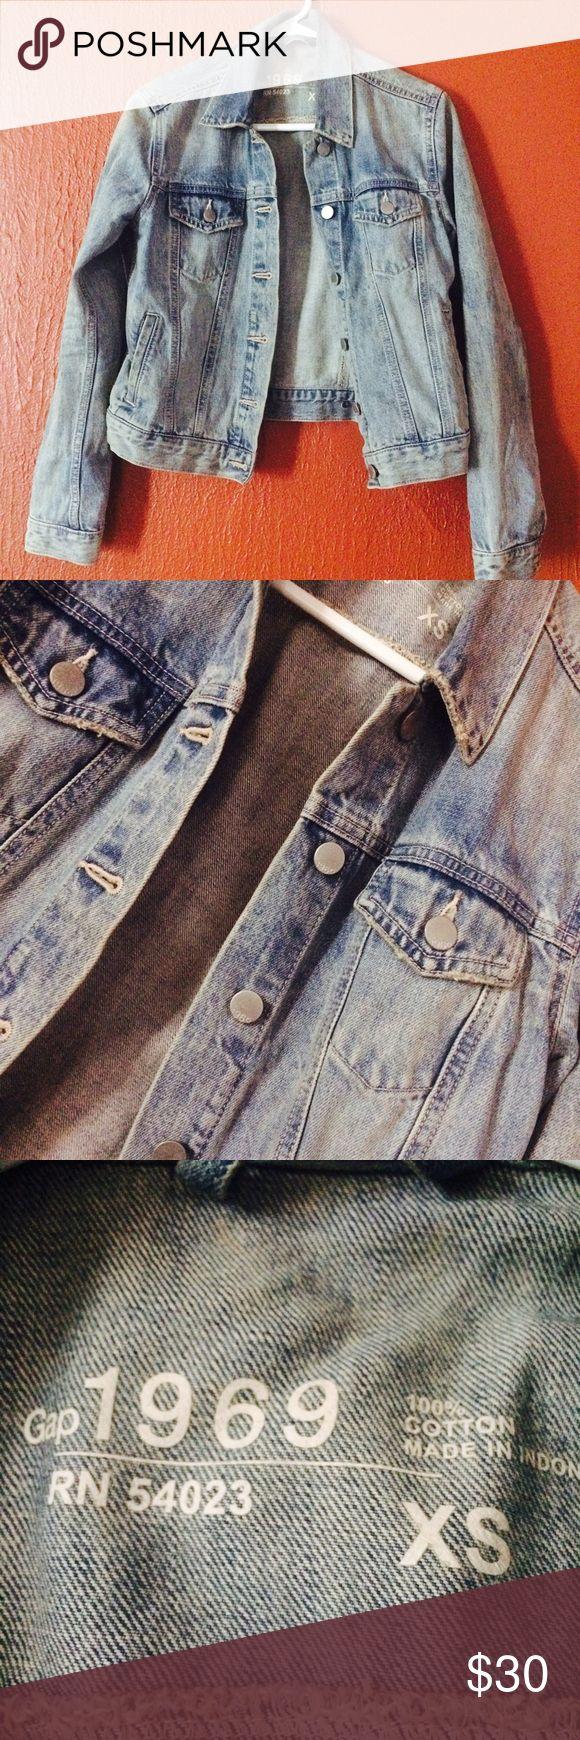 GAP 1969 Denim jacket Gap 1969 Denim jacket medium indigo size XS GAP Jackets & Coats Jean Jackets